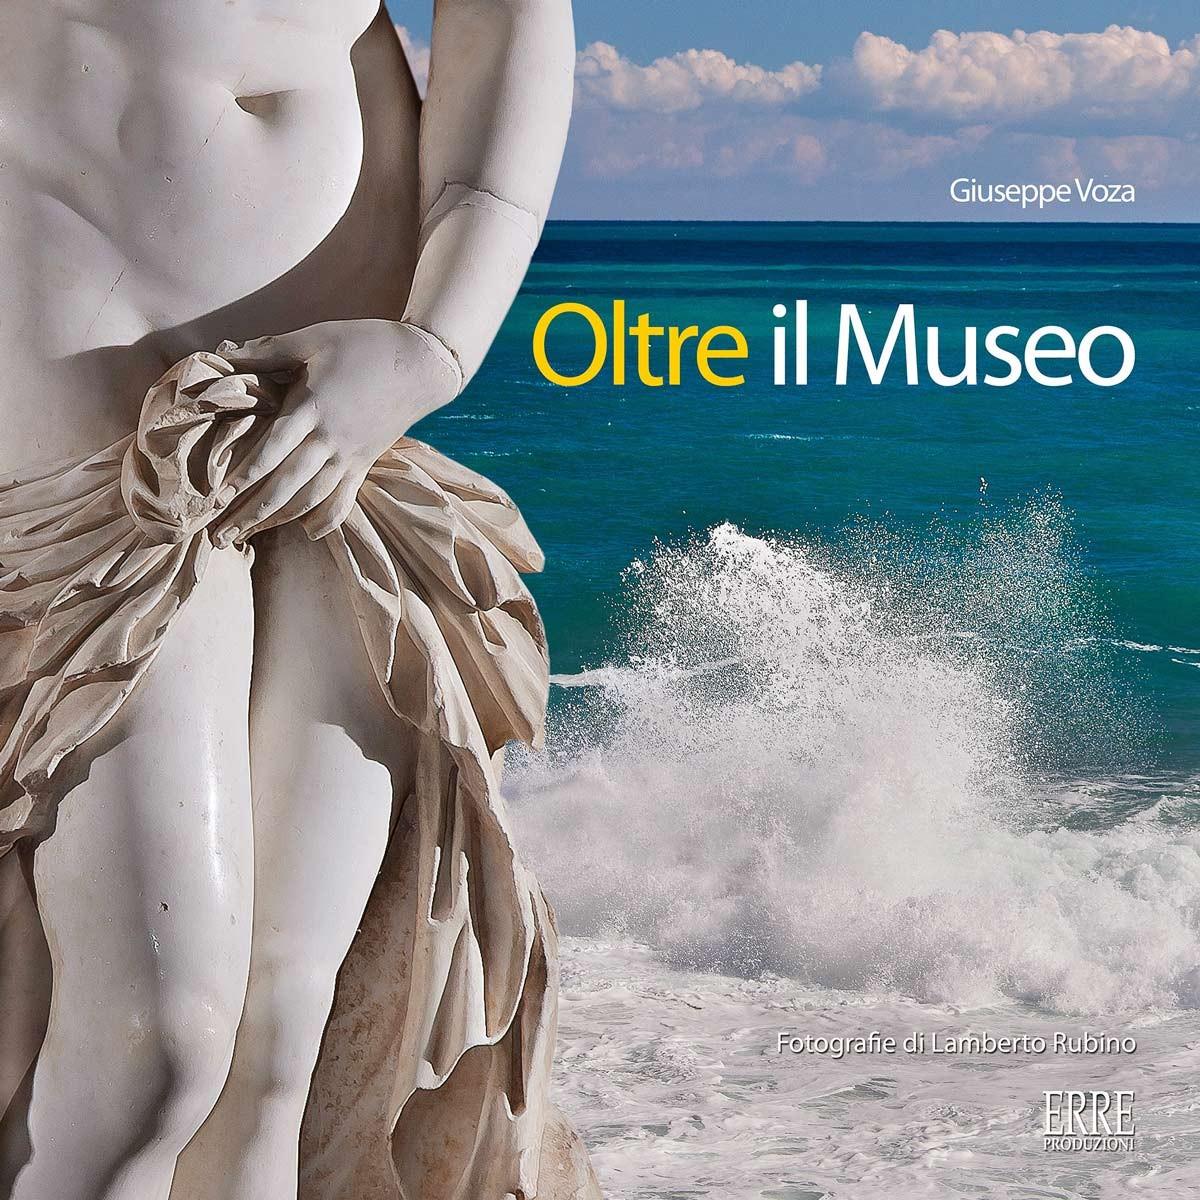 Book - Oltre il Museo - ErreProduizoni